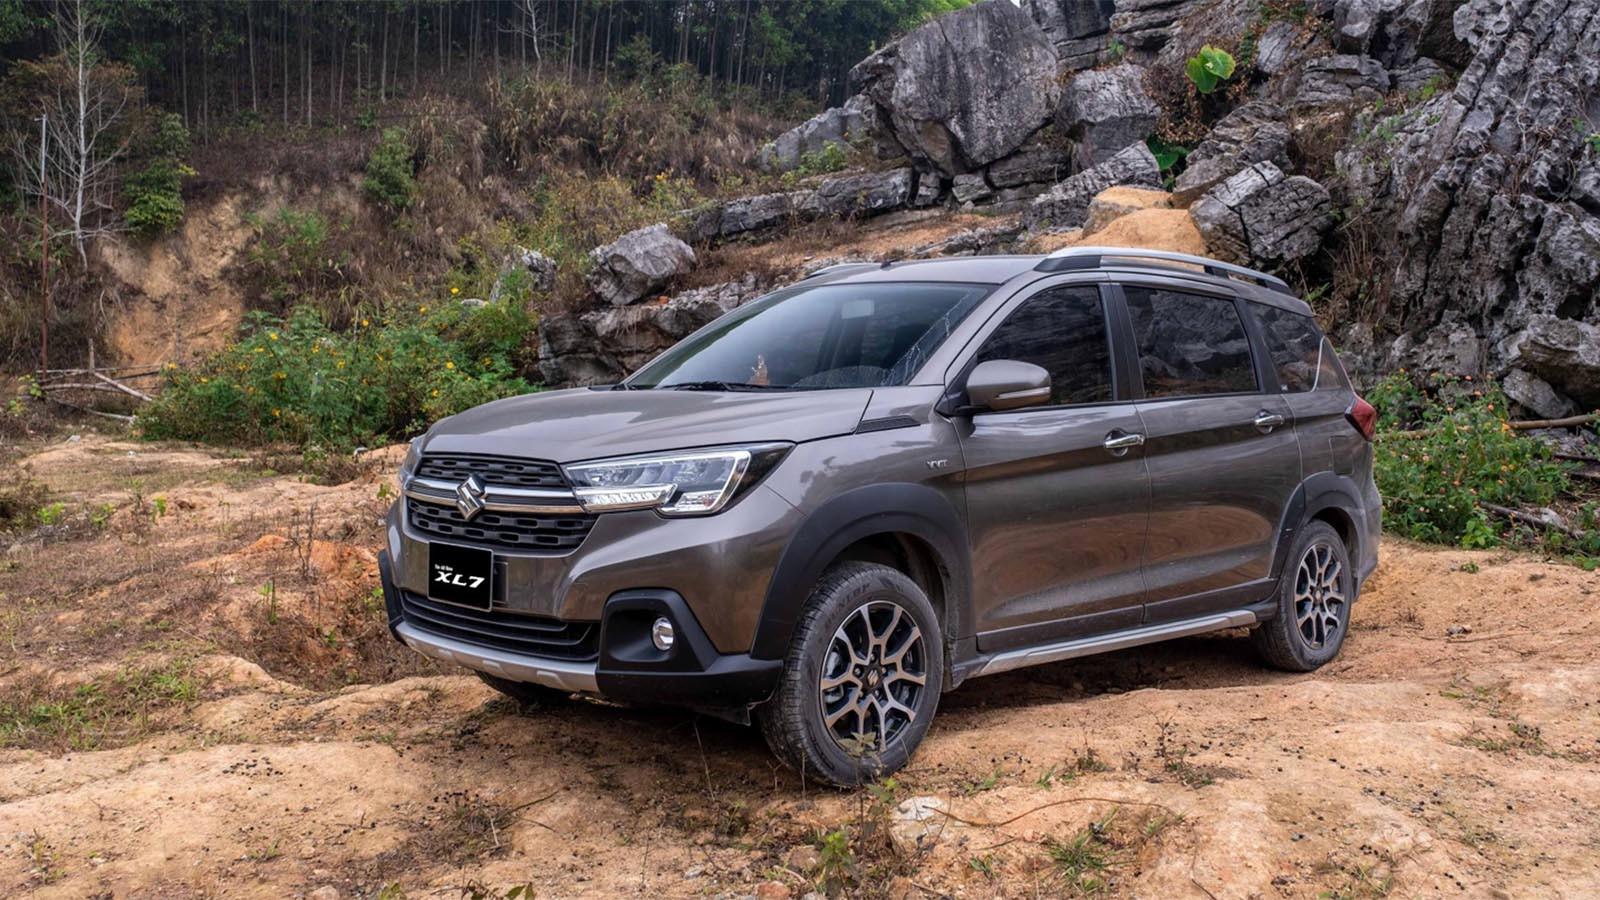 Suzuki XL7 tôn vẻ thể thao và mạnh mẽ cho người cầm lái.